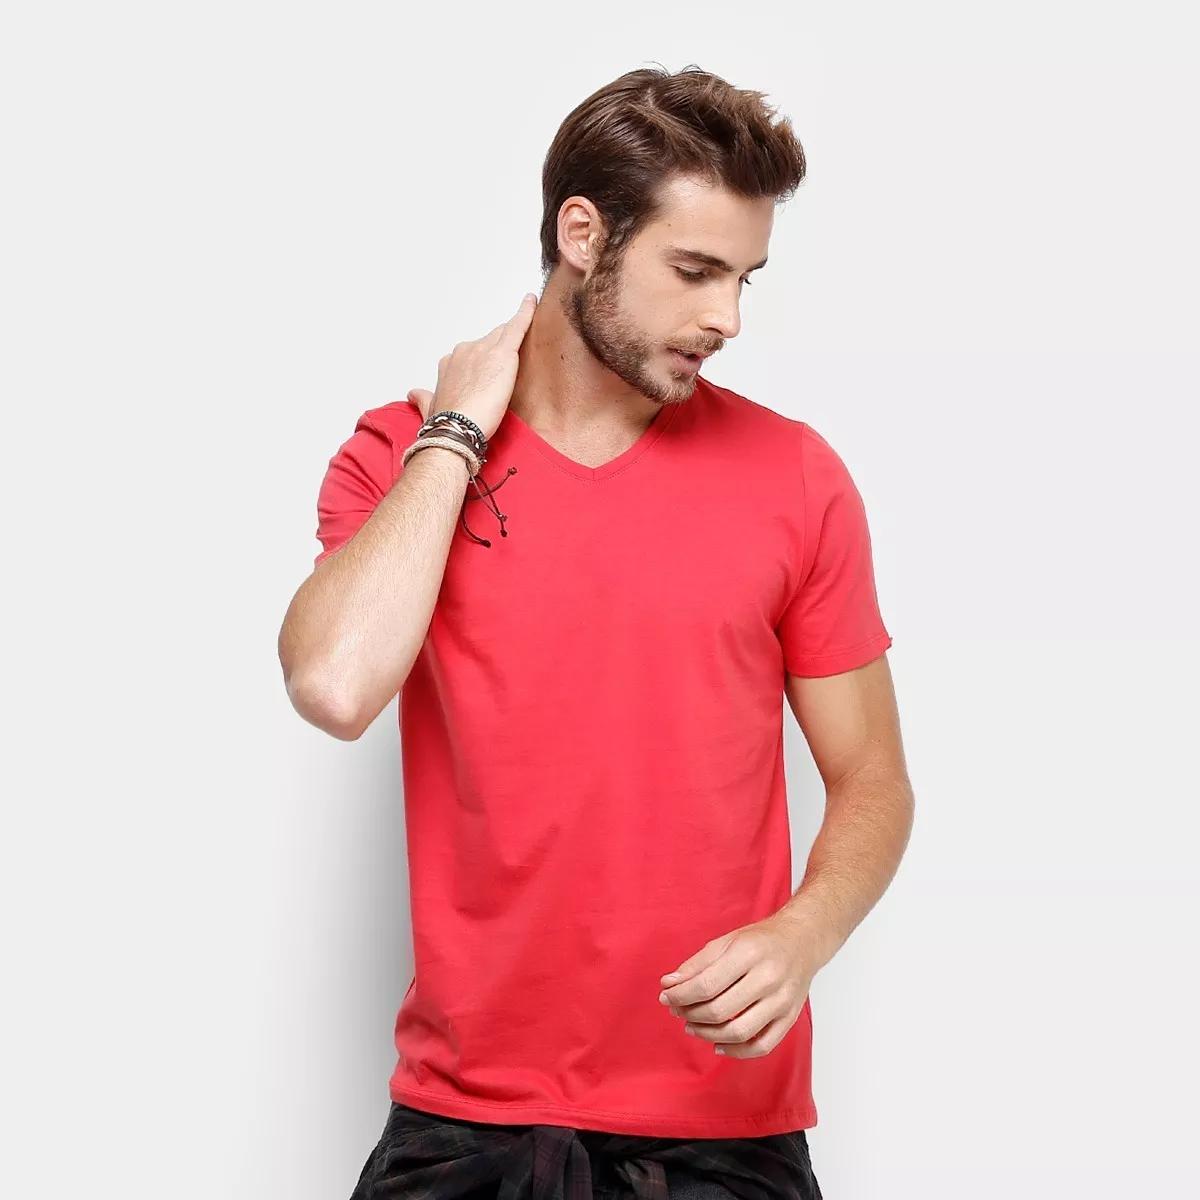 768d39bee5 Camiseta Gola V 100% Algodão Sem Estampa Fio 30.1 Vermeho no Elo7 ...